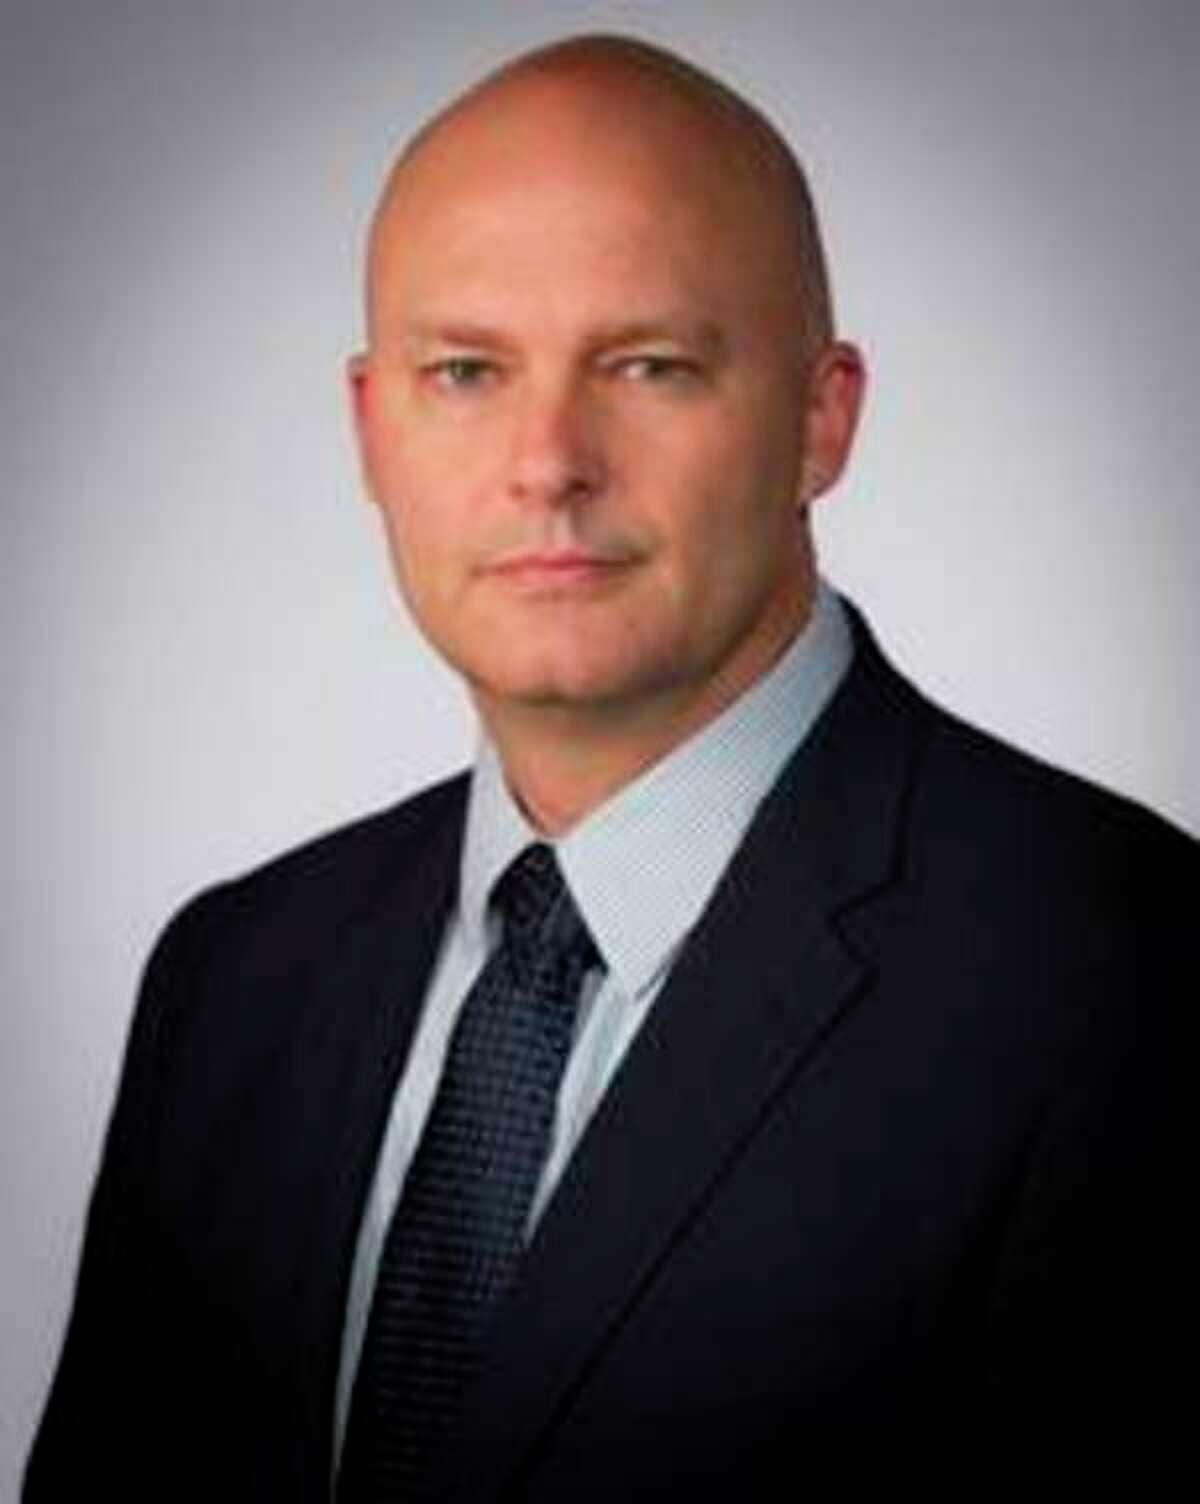 Greg Bunker